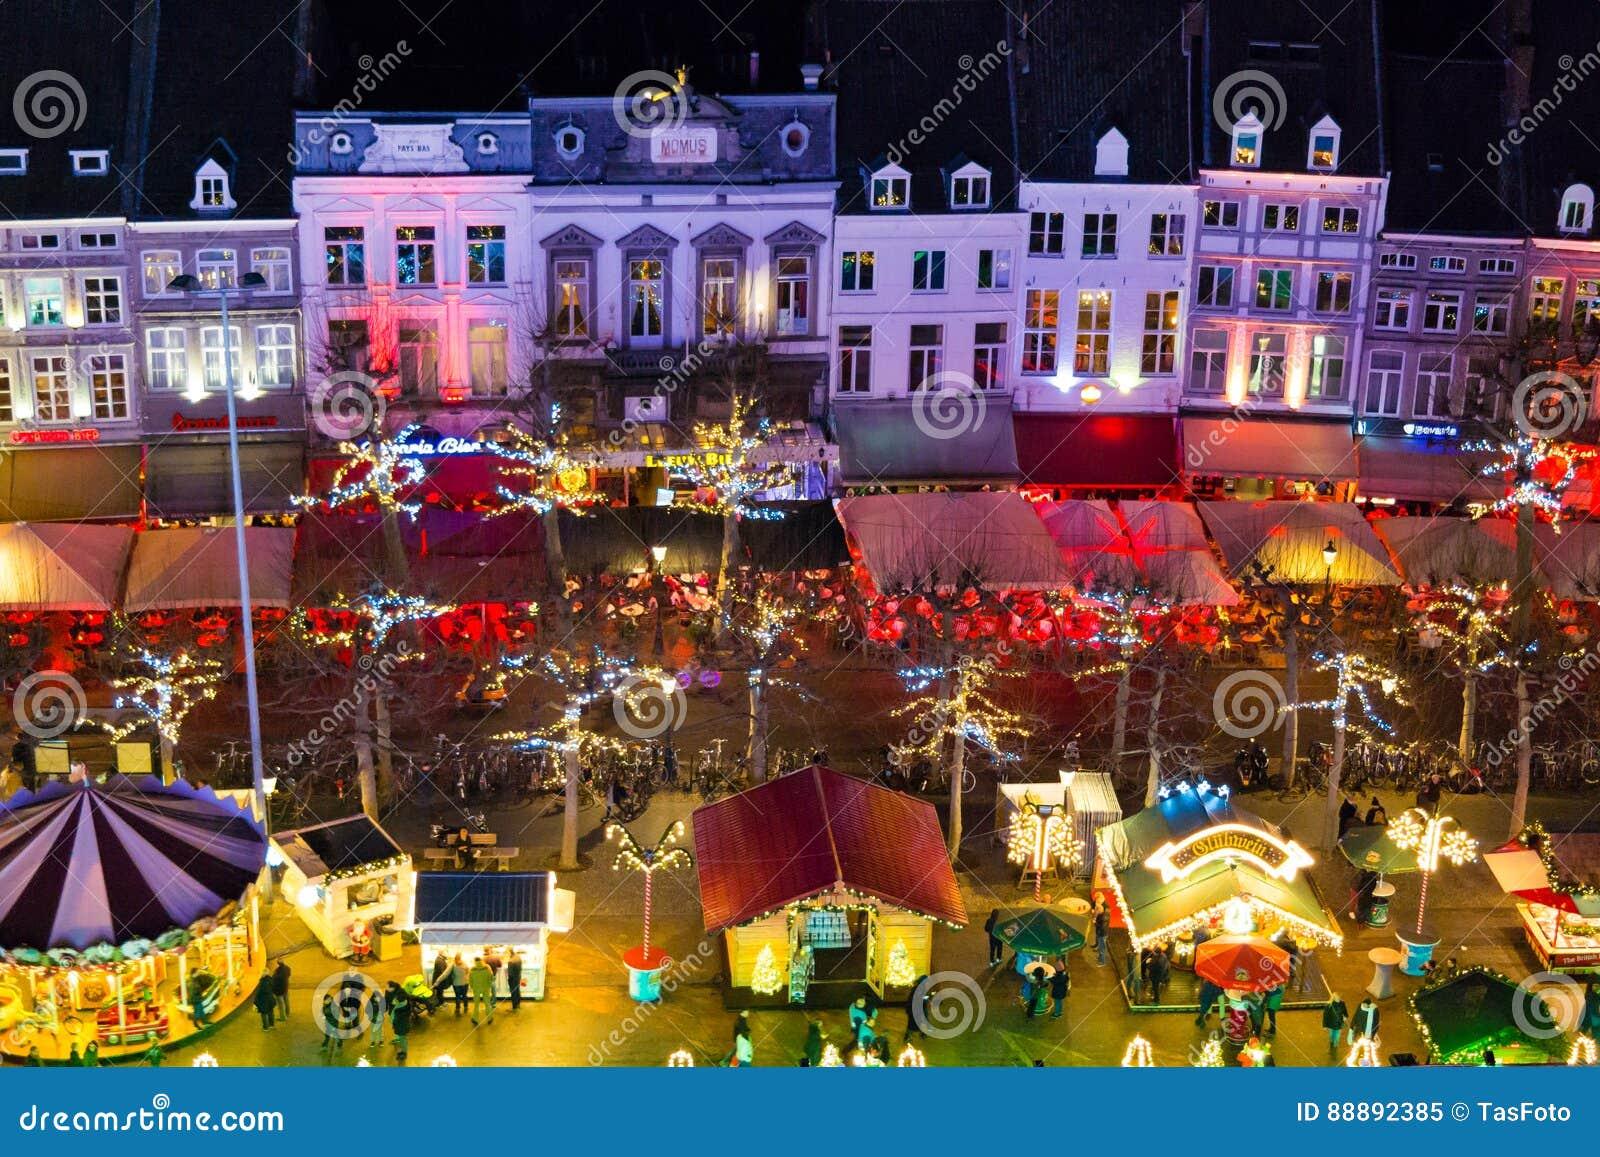 weihnachtsmarkt auf vrijthof in maastricht die niederlande redaktionelles bild bild von nacht. Black Bedroom Furniture Sets. Home Design Ideas